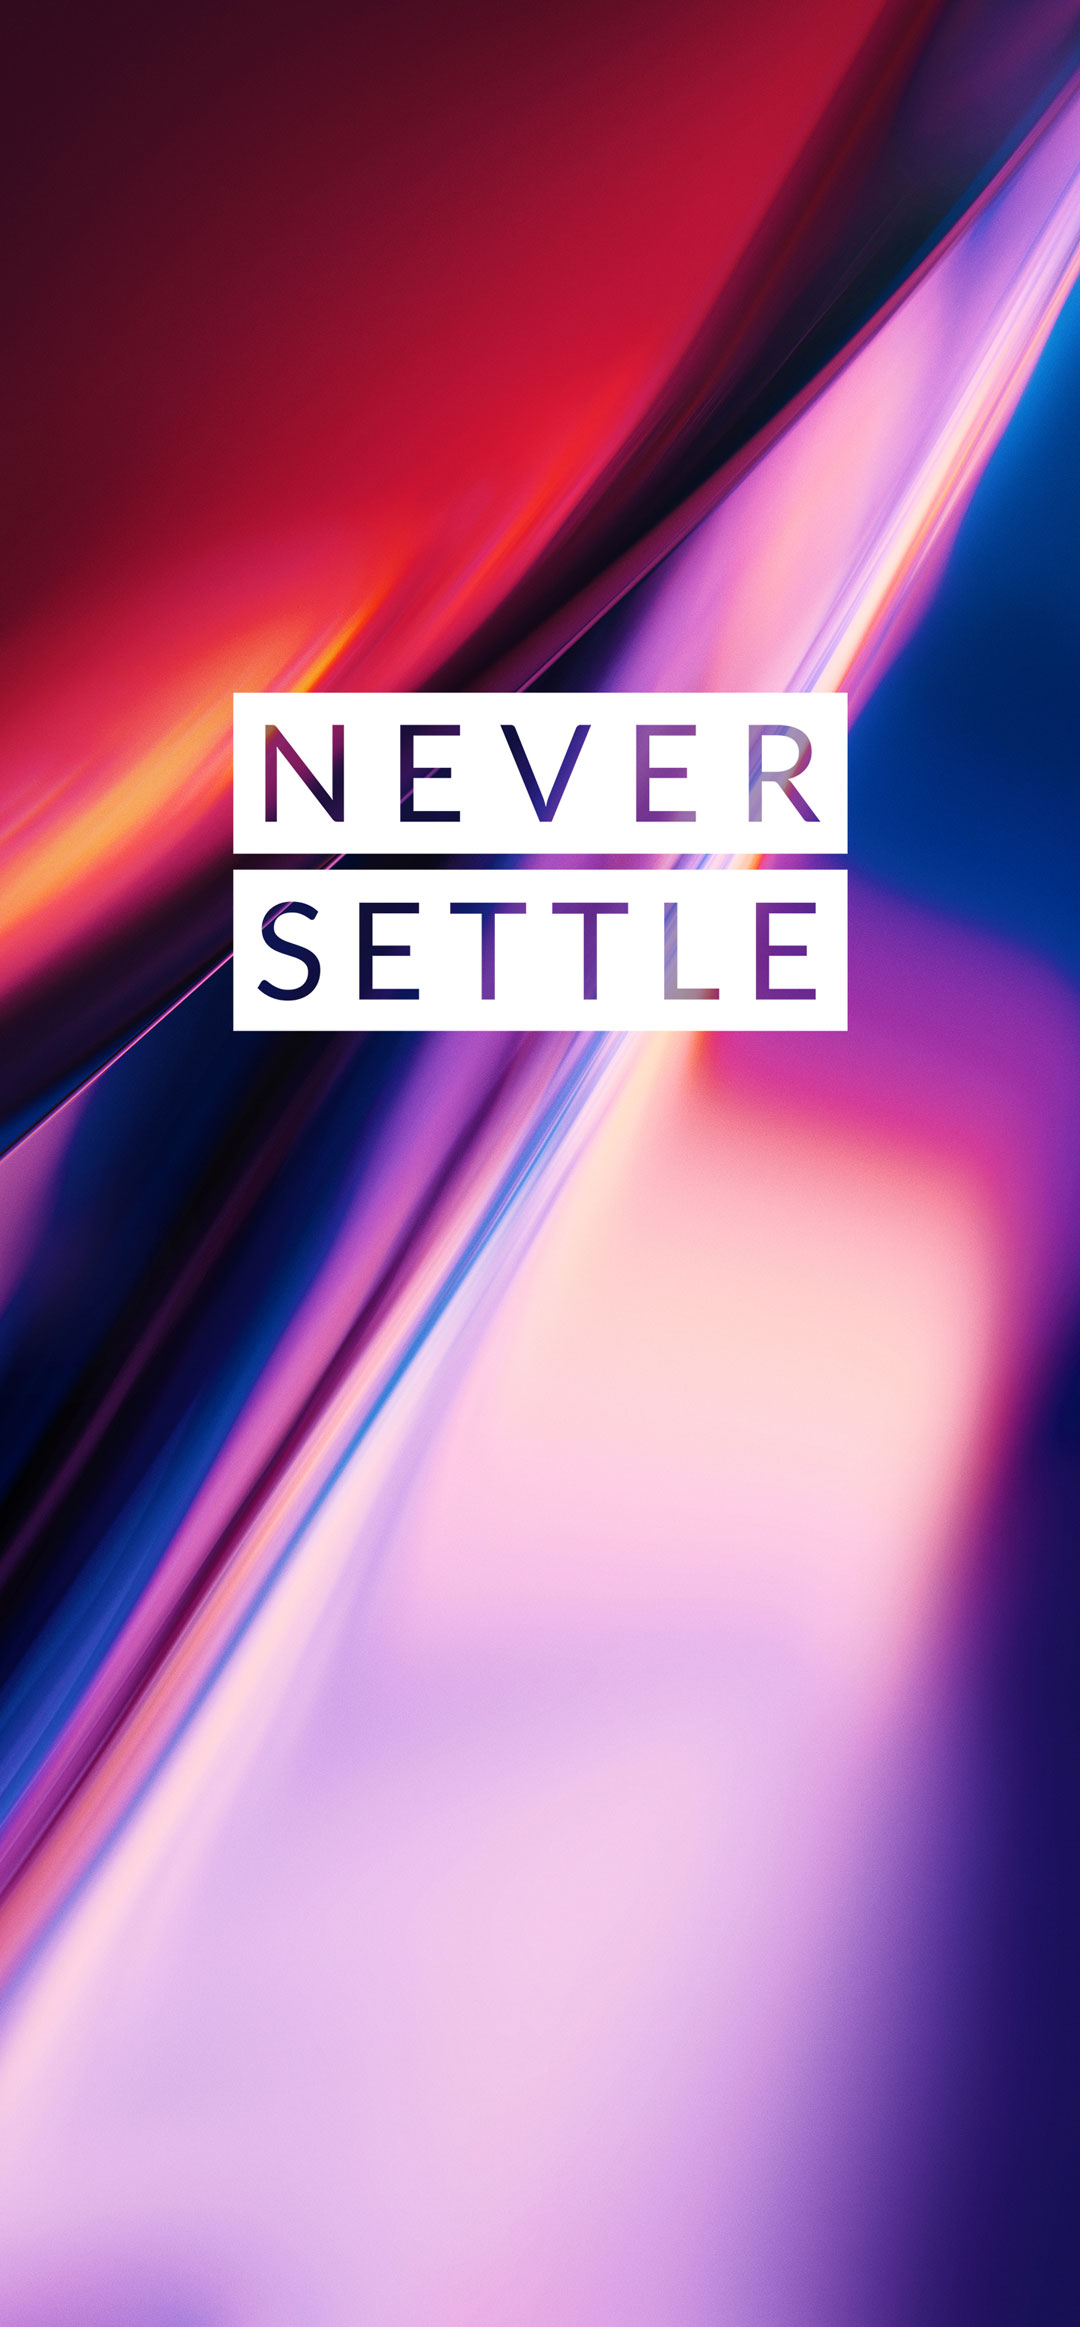 never settle wallpaper of oneplus 7